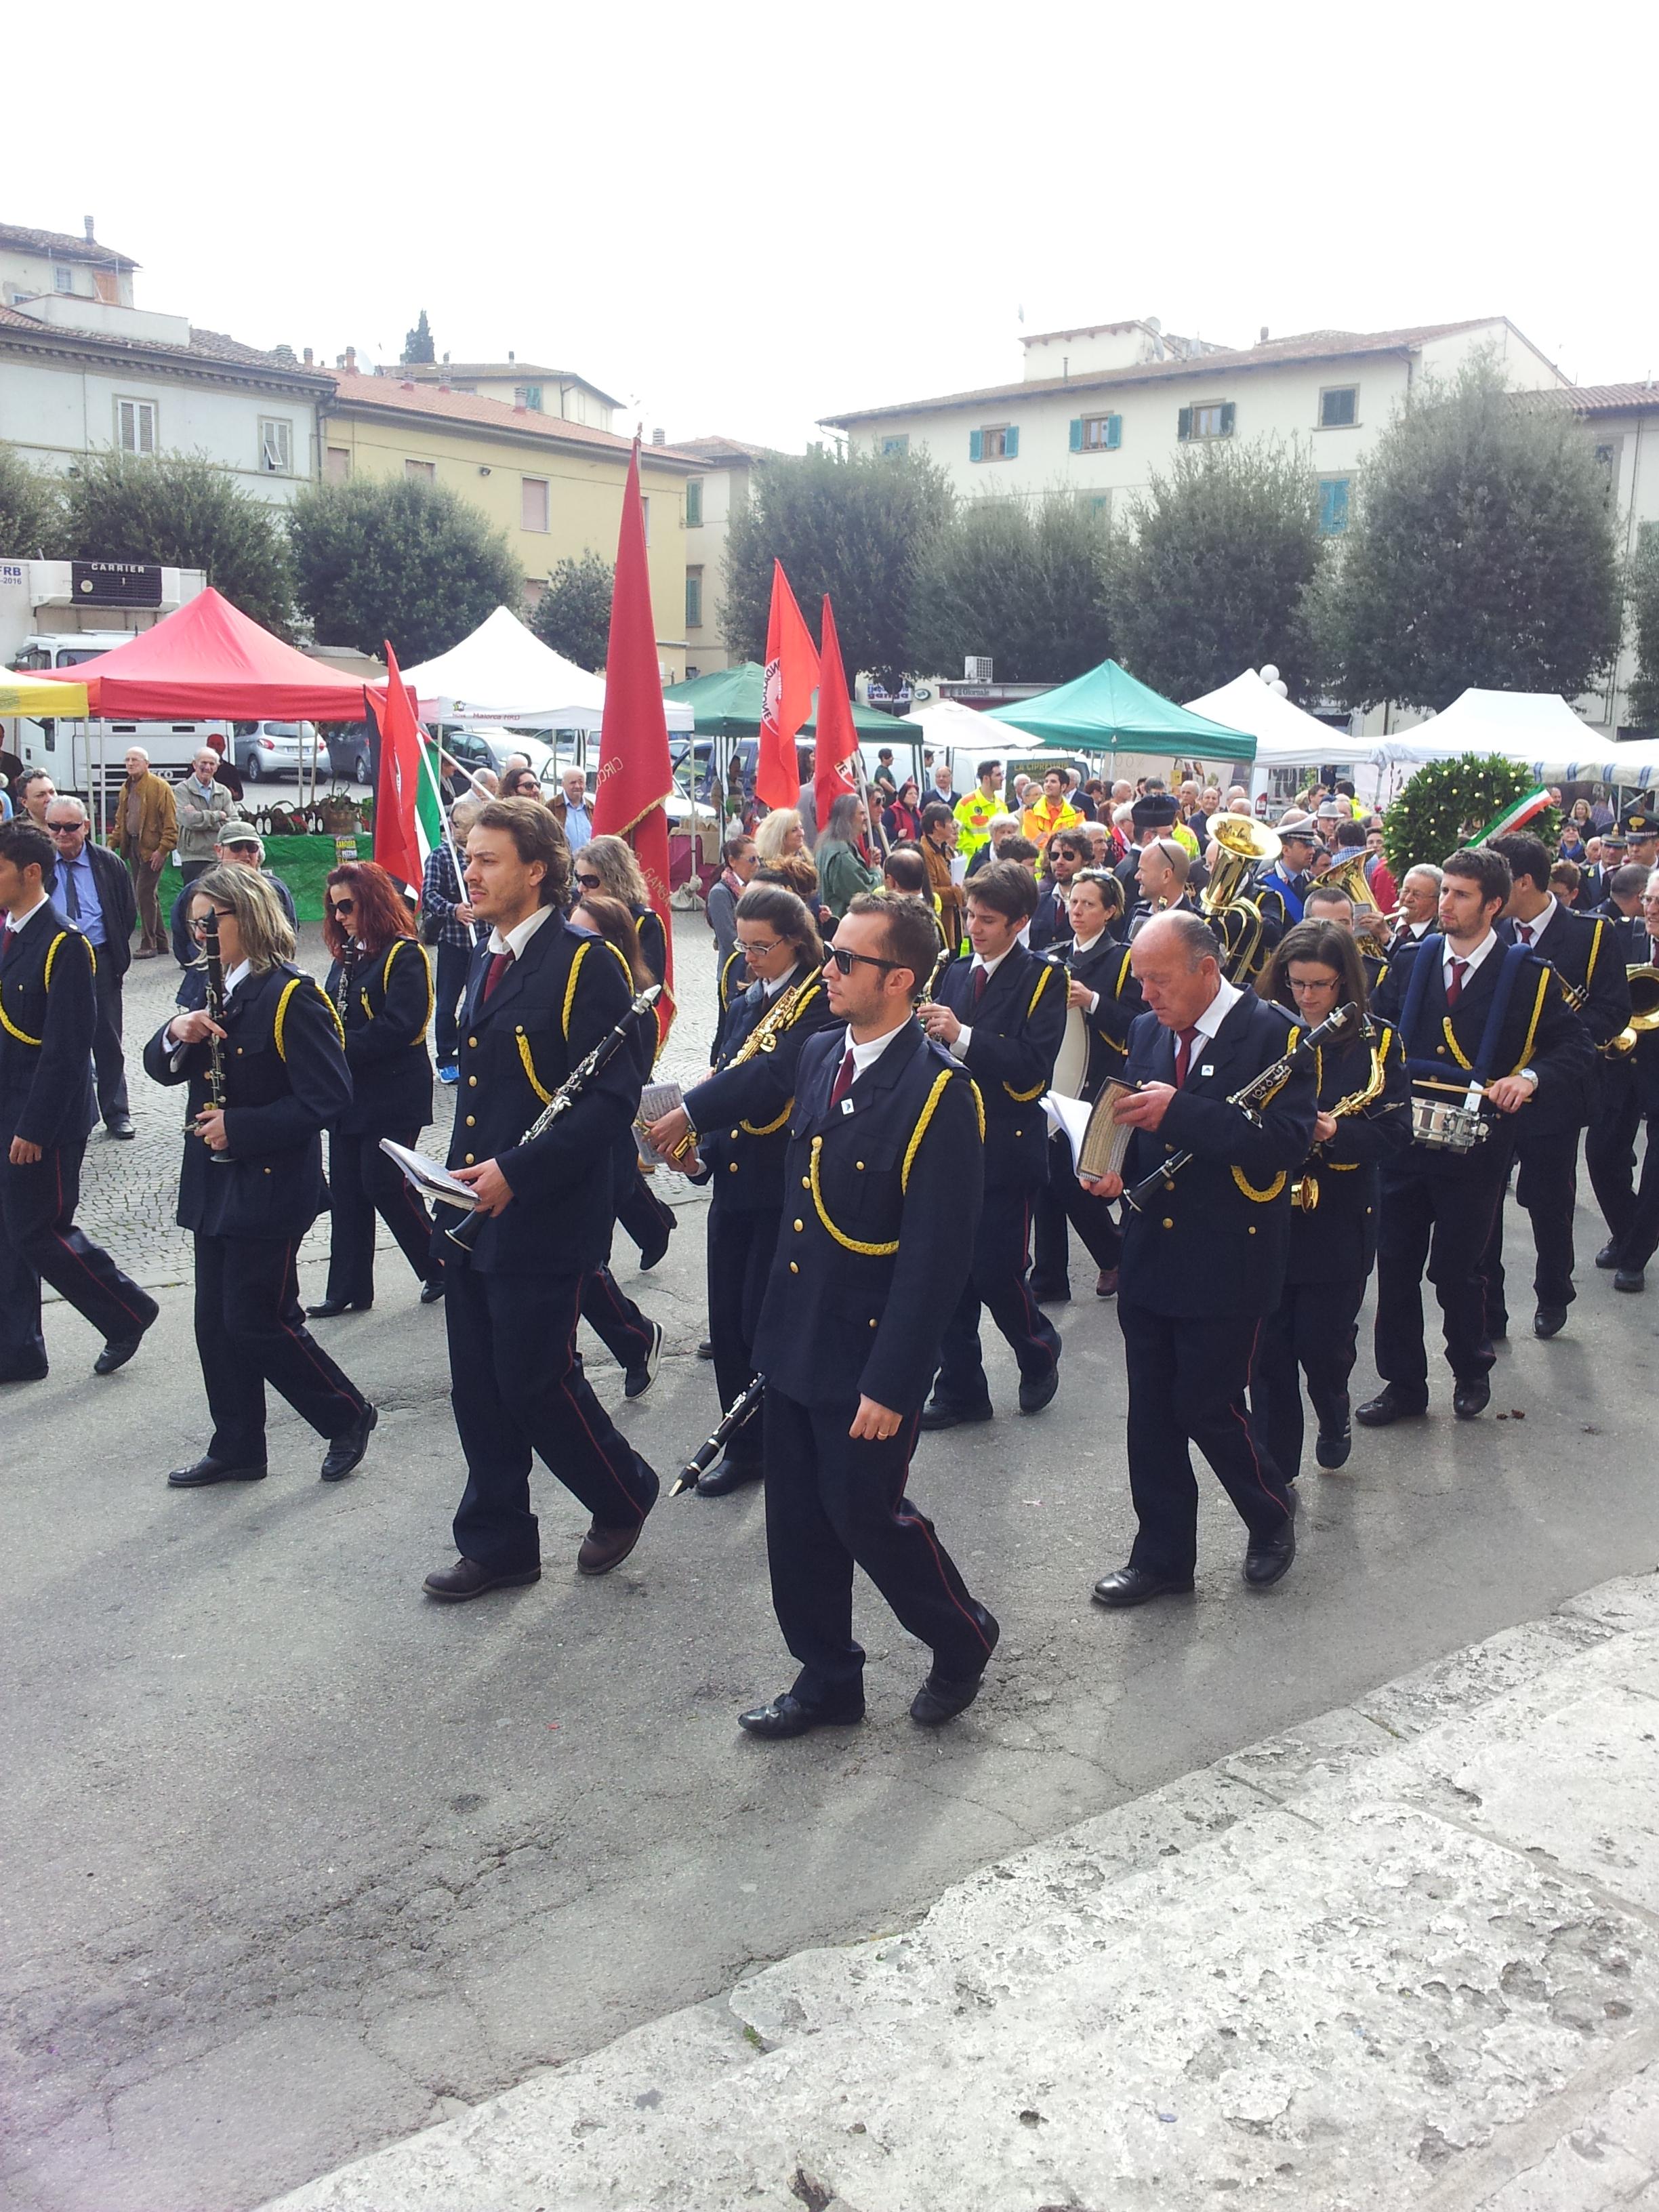 festa della liberazione - photo #36